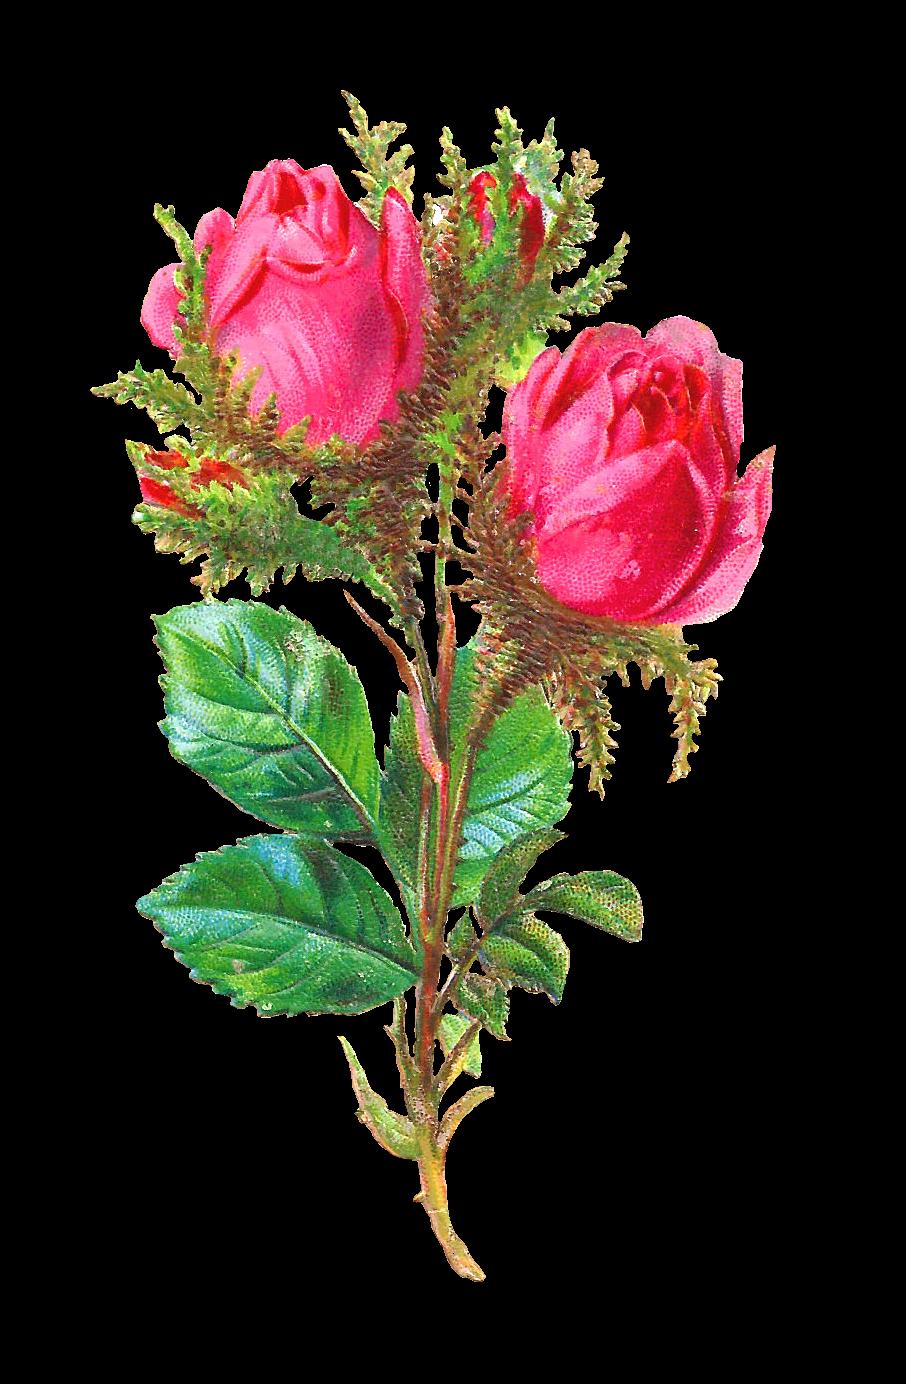 antique images shabby chic scrapbooking digital pink rose flower download. Black Bedroom Furniture Sets. Home Design Ideas